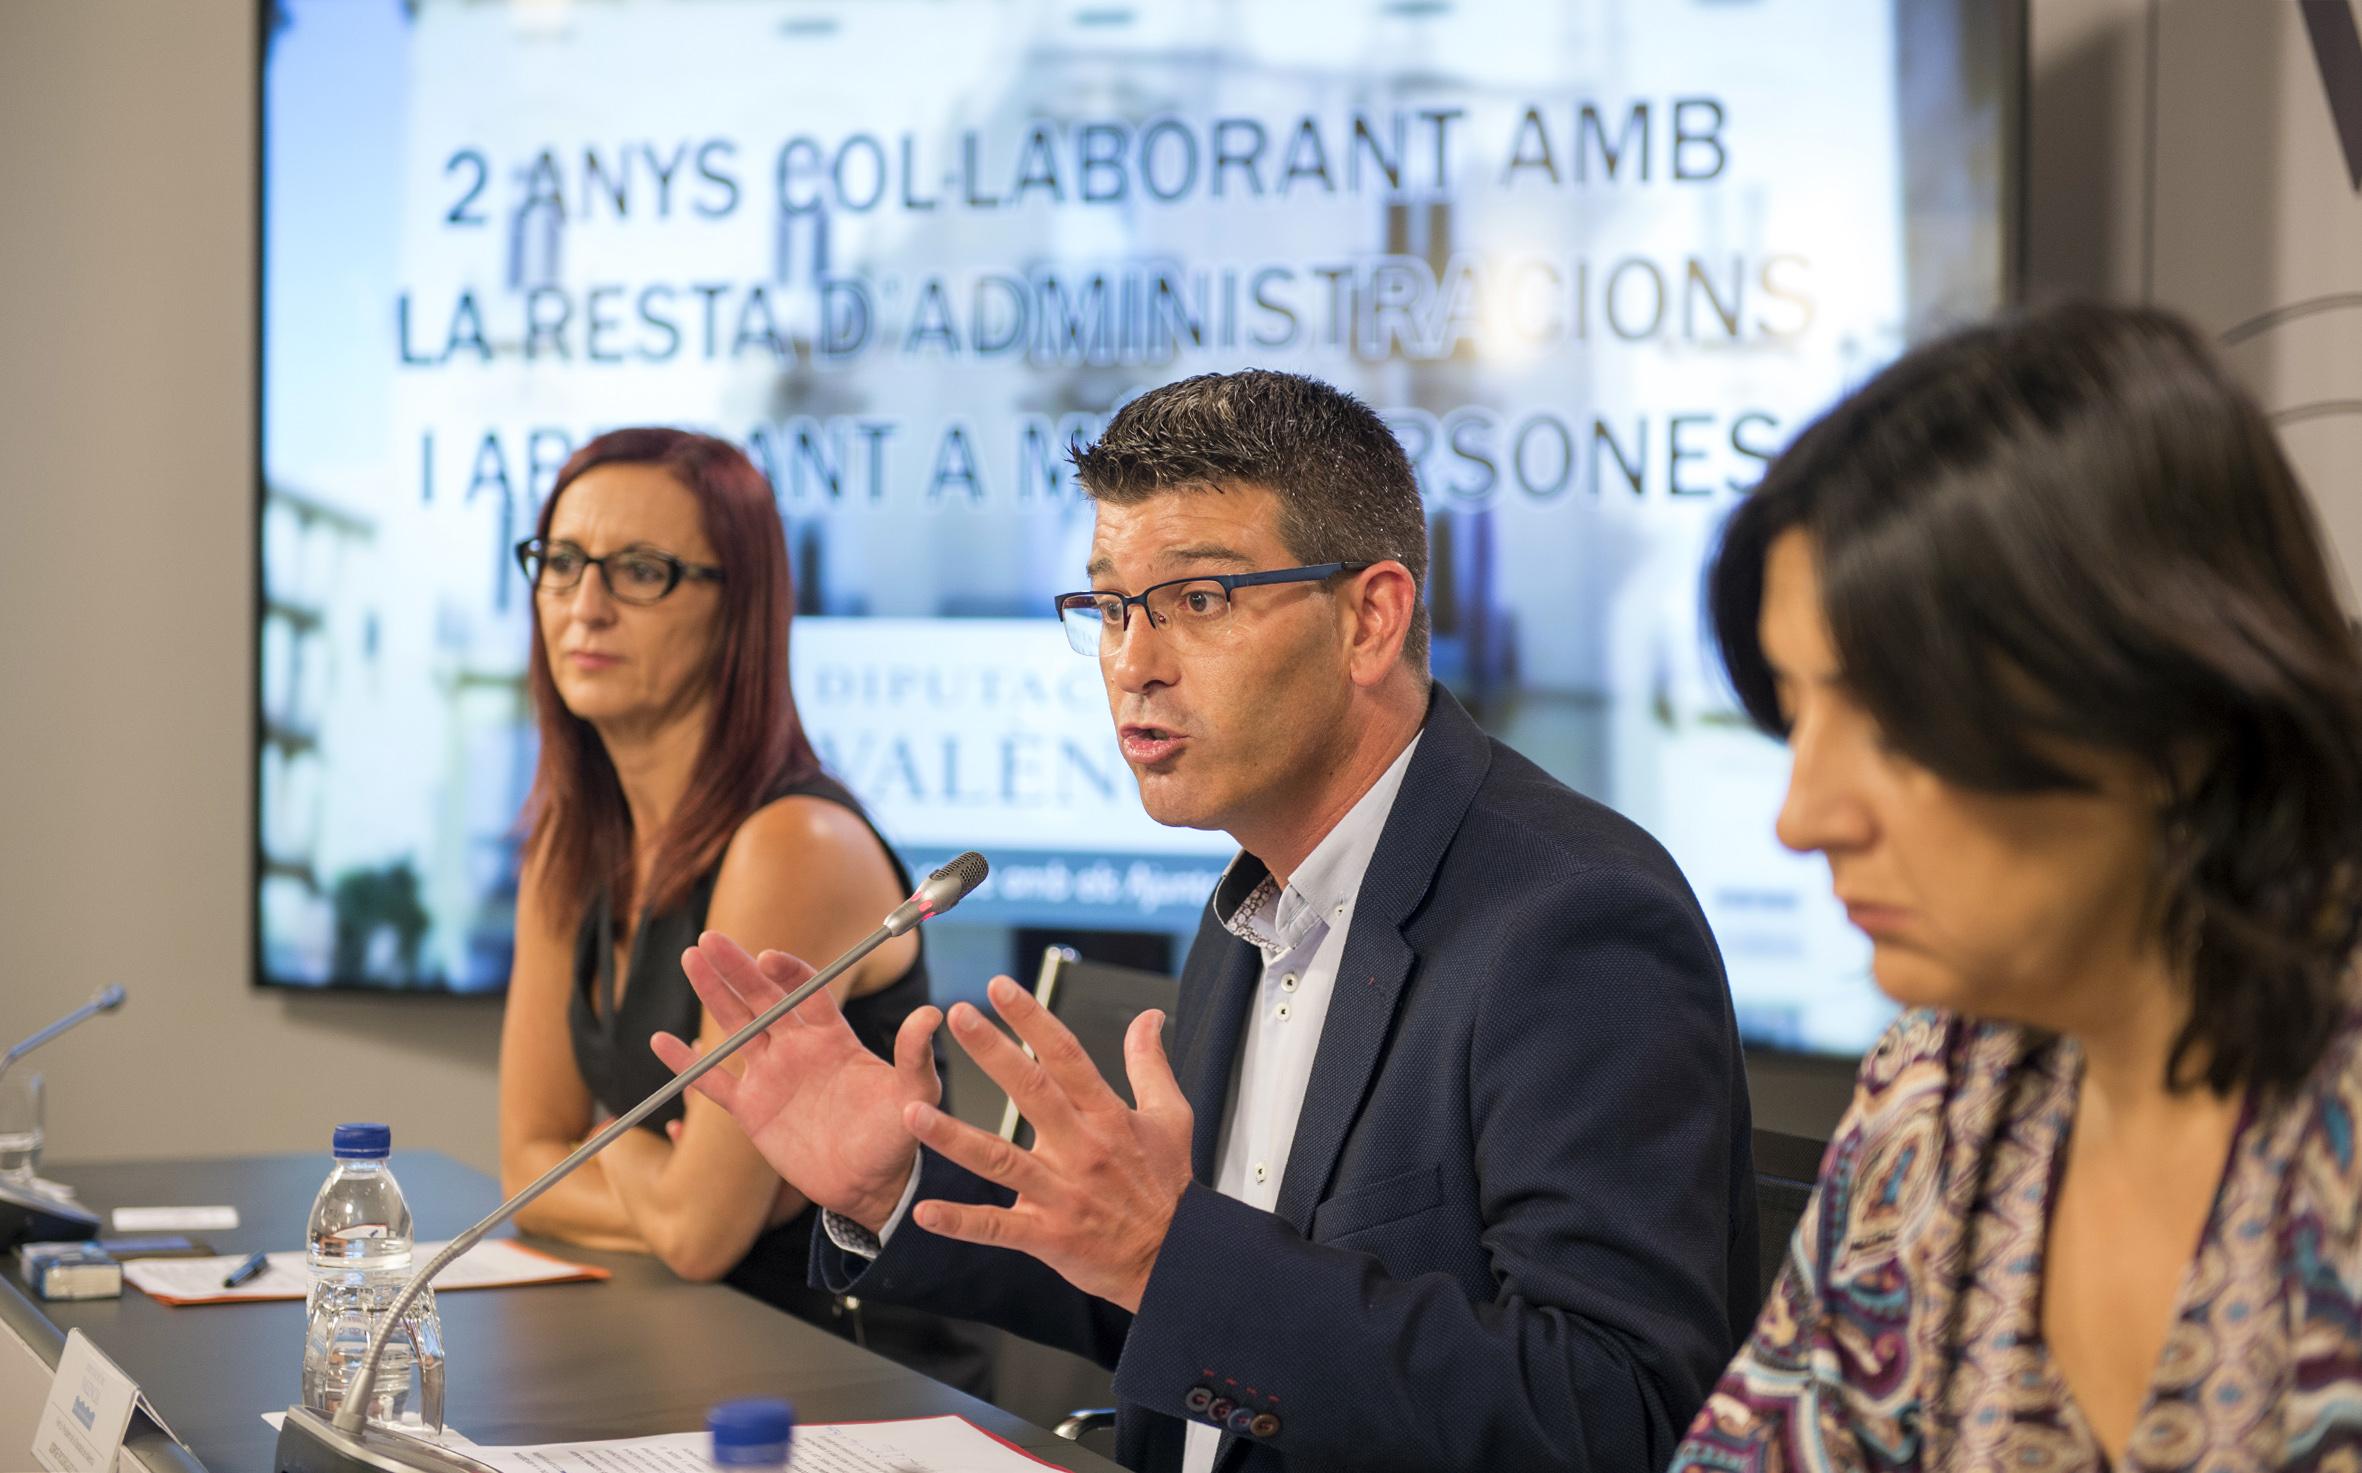 Jorge Rodríguez, Mª Josep Amigó y Rosa Pérez Garijo en la rueda de prensa por el balance de dos años de gestión en la Diputación.